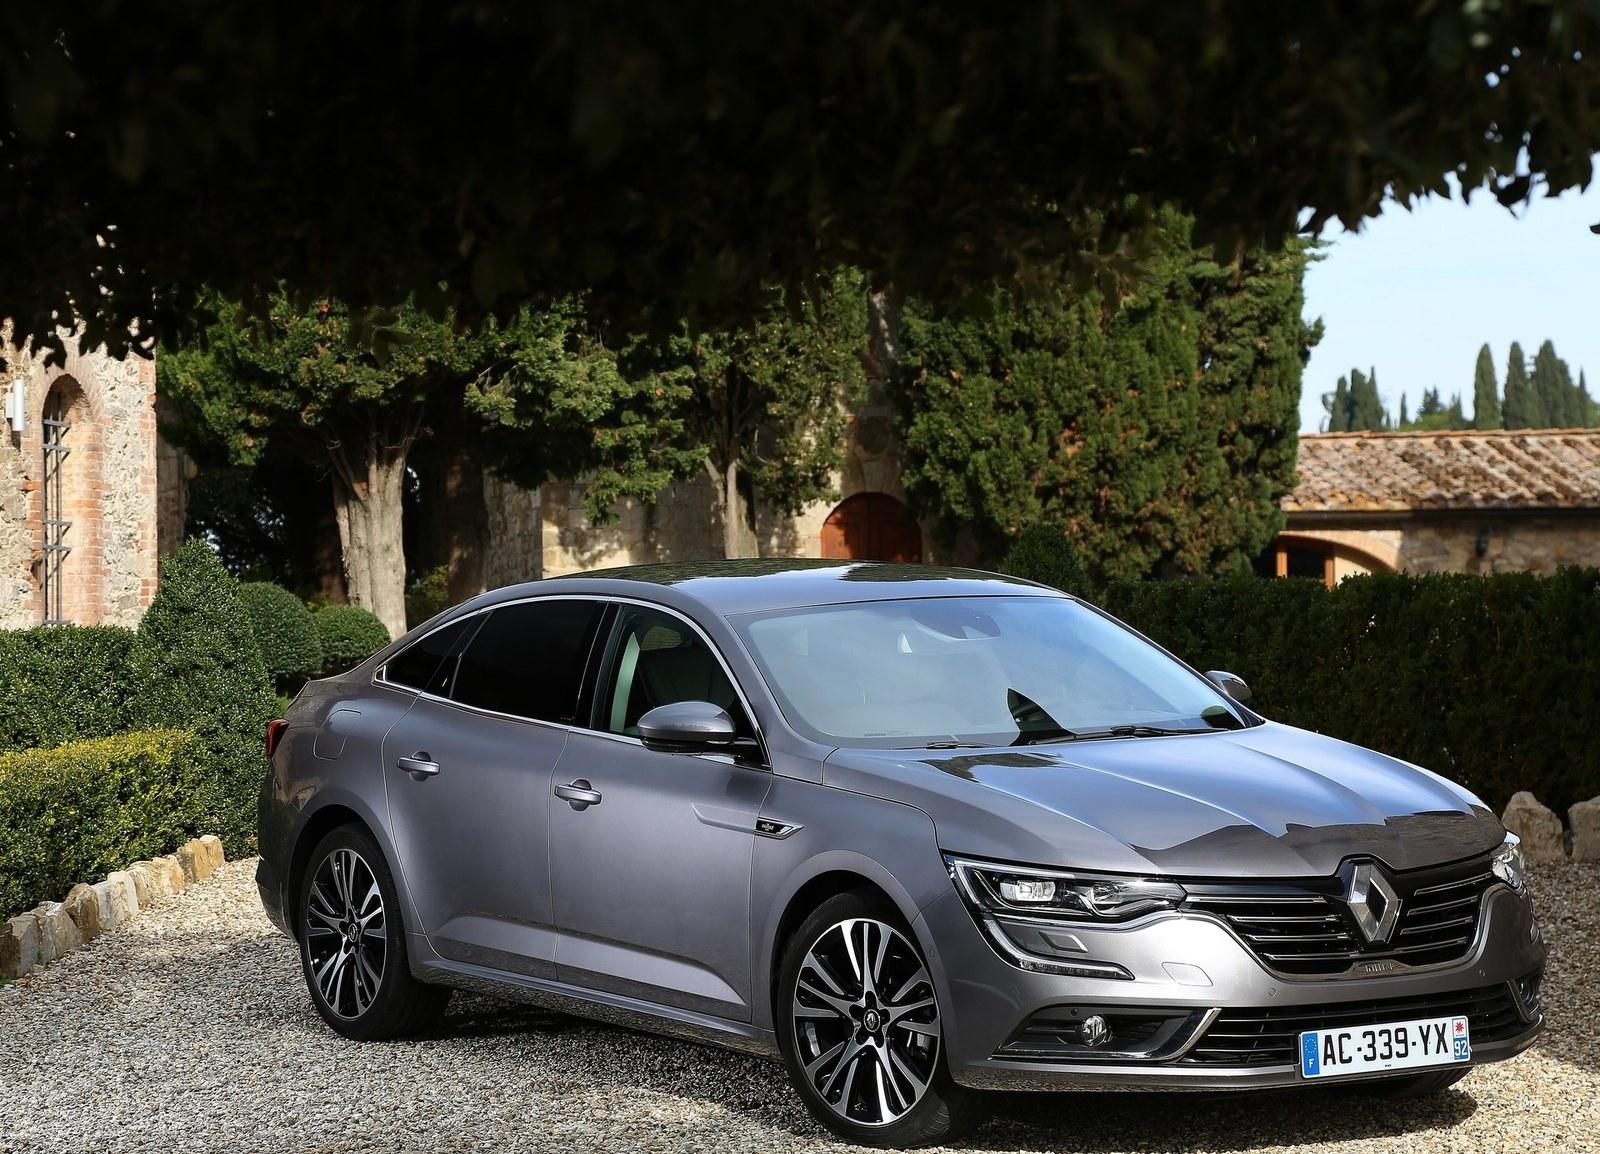 2016 Renault Talisman Exterior